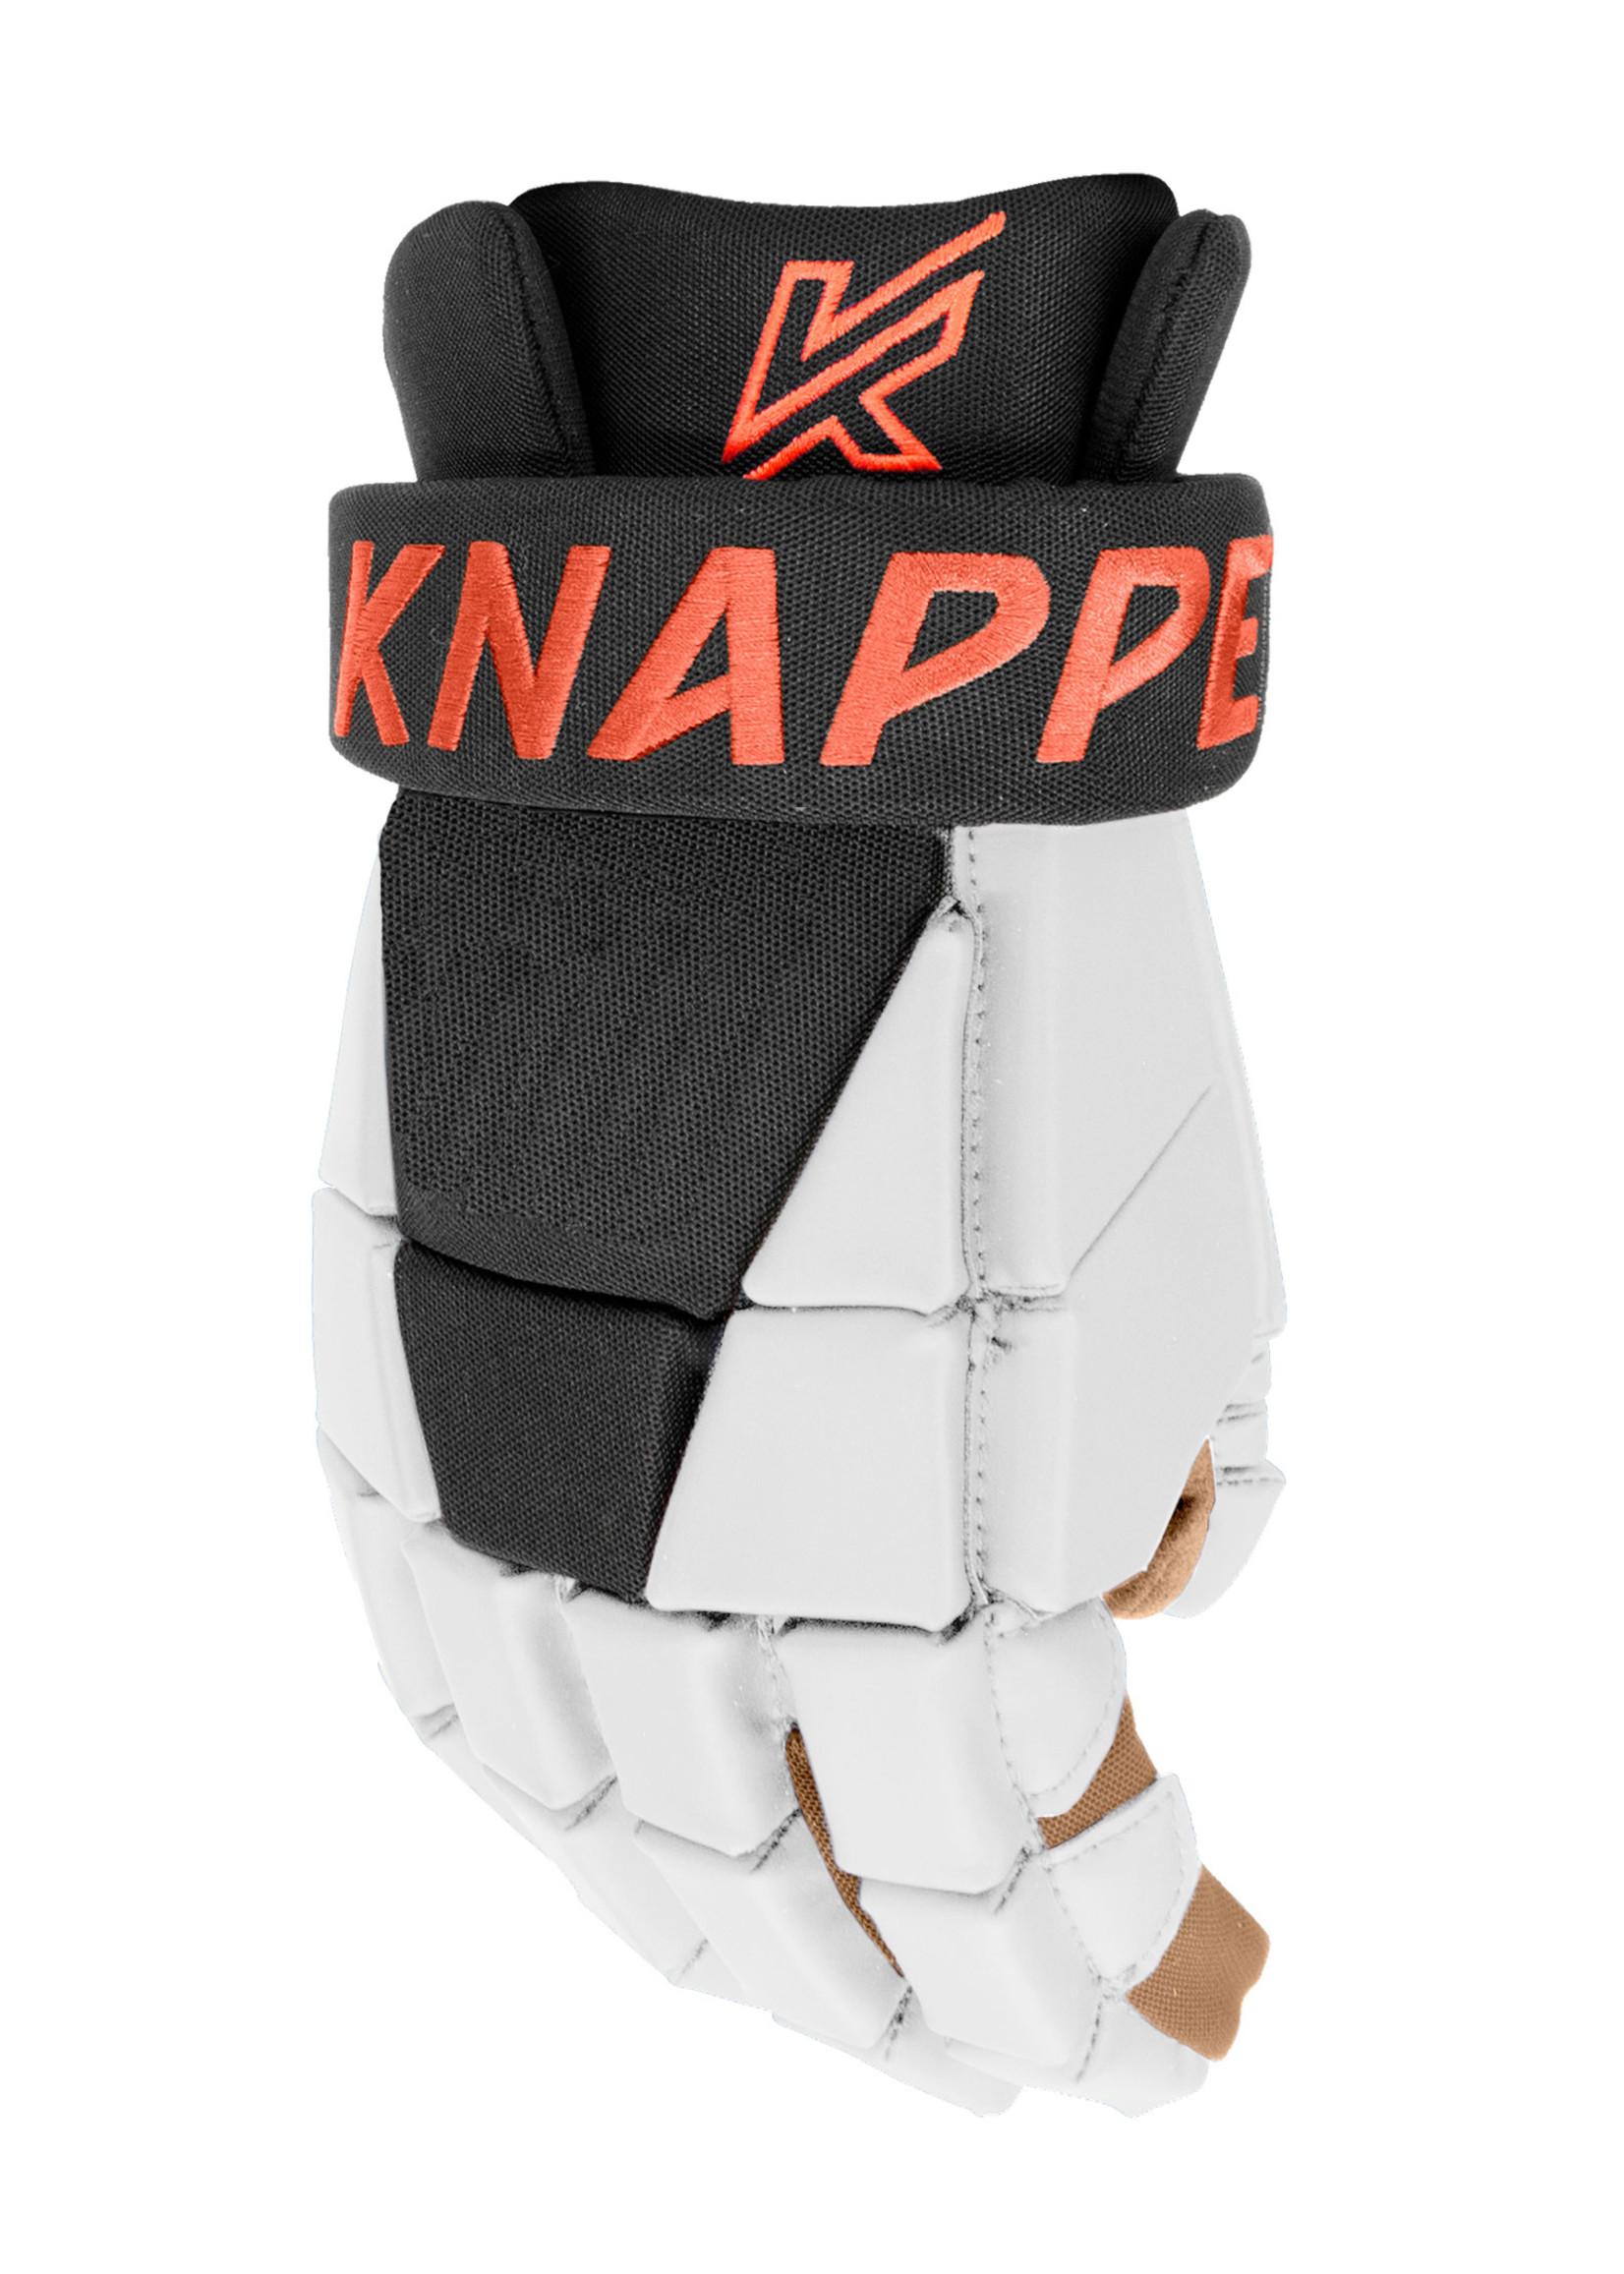 Knapper KNAPPER AK3 JR GANTS